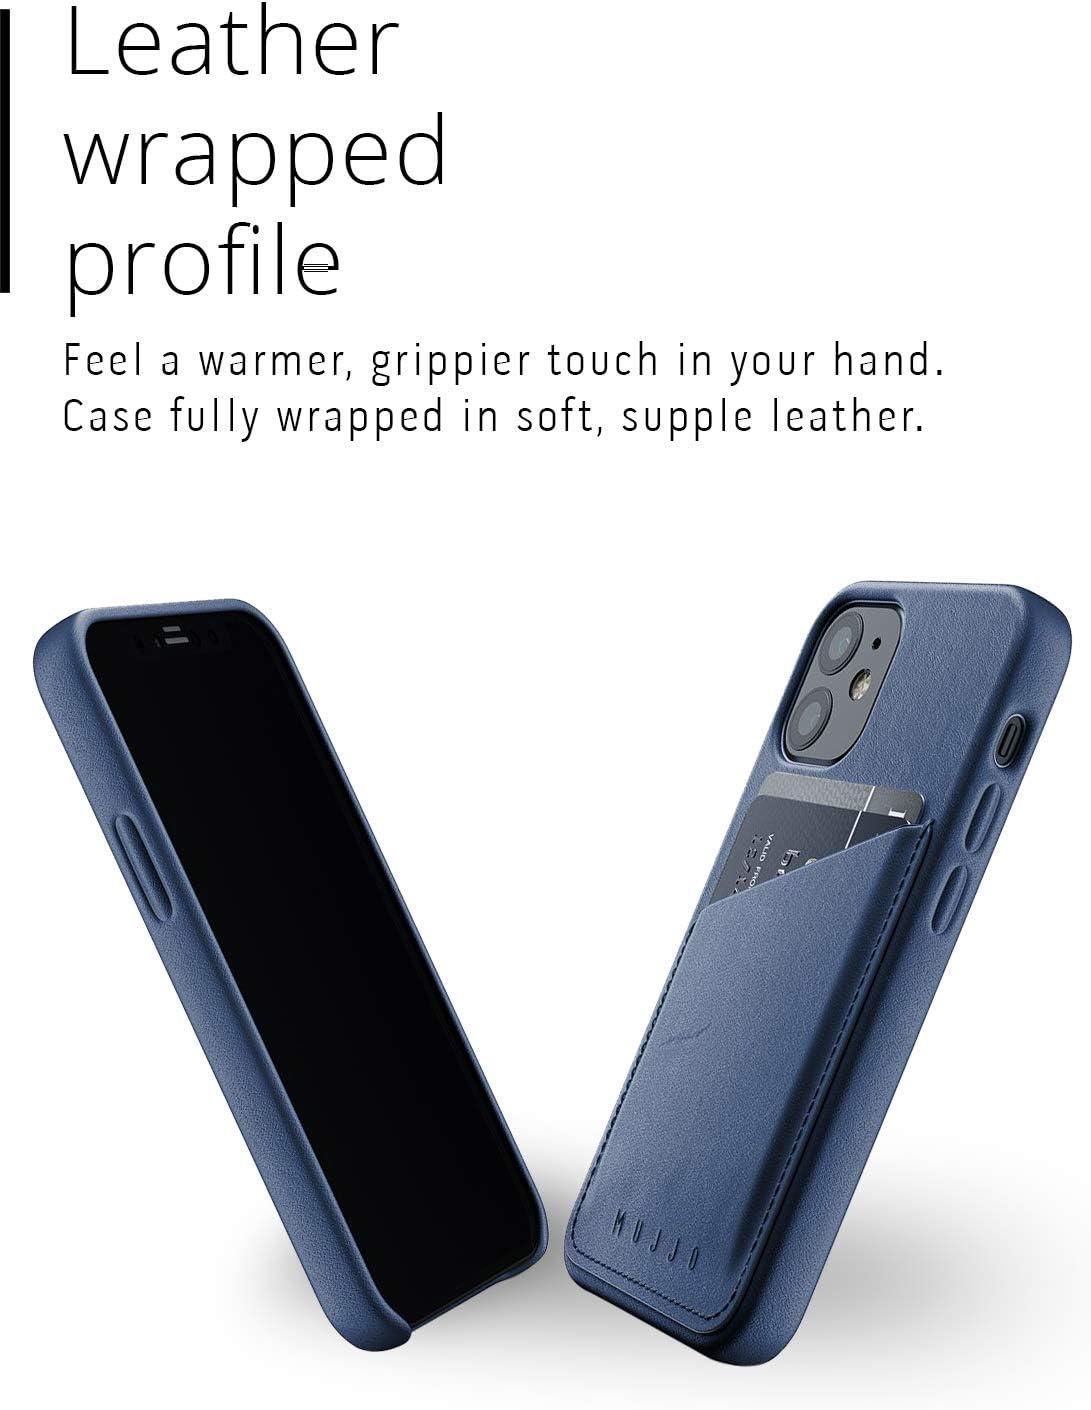 Mujjo Iphone 12 Mini Leder Hülle Blau Premium Wallet Case Fächer Für 2 3 Karten Extra Dünn Stoßfeste Schutzhülle Kabelloses Laden 5 4 Einzigartiger Natürlicher Alterungseffekt Elektronik